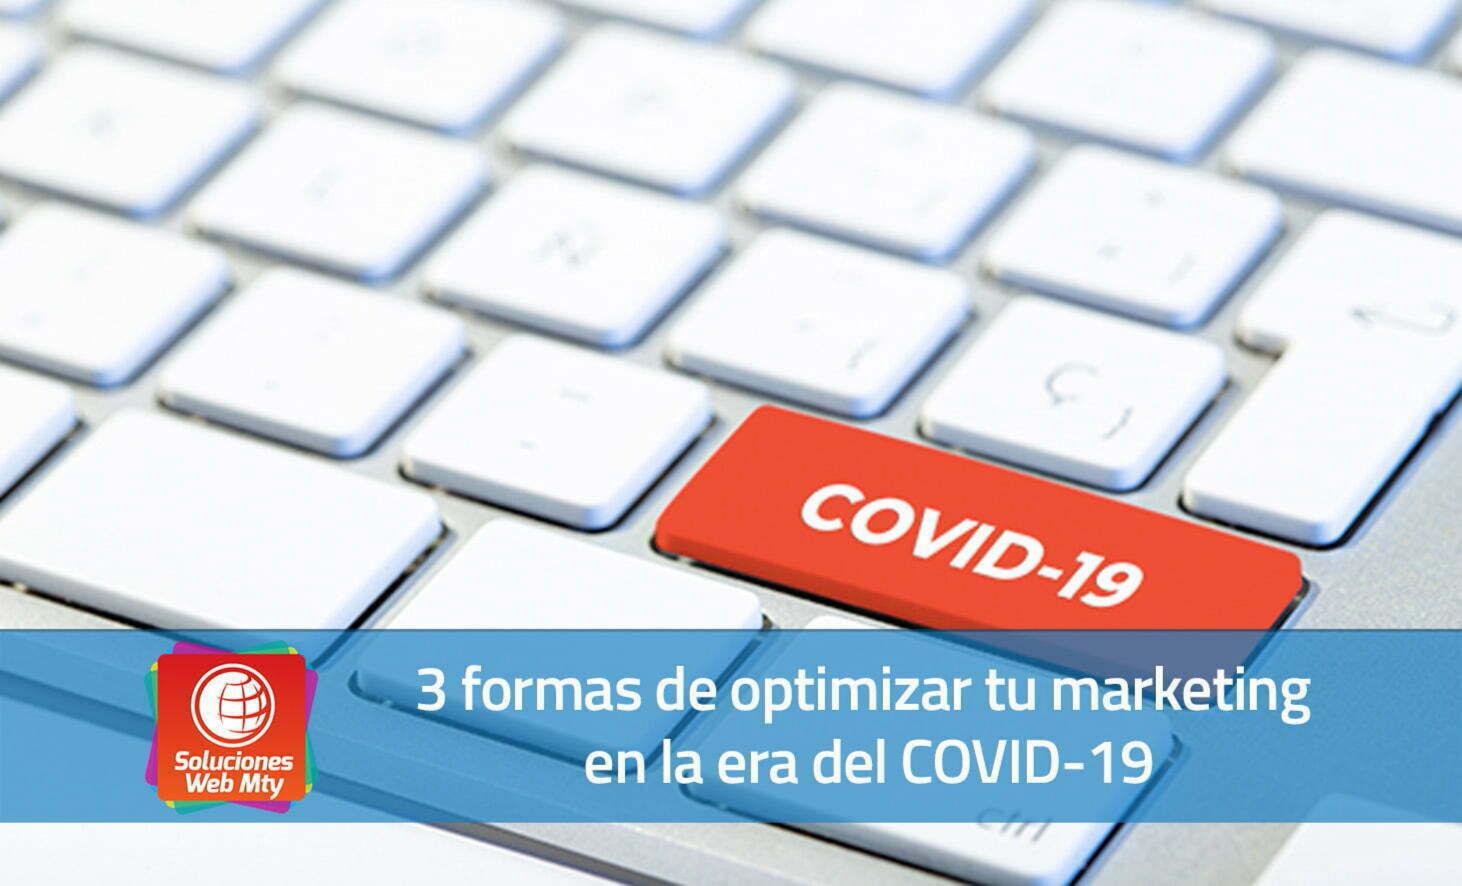 3 formas de optimizar tu marketing en la era del COVID-19